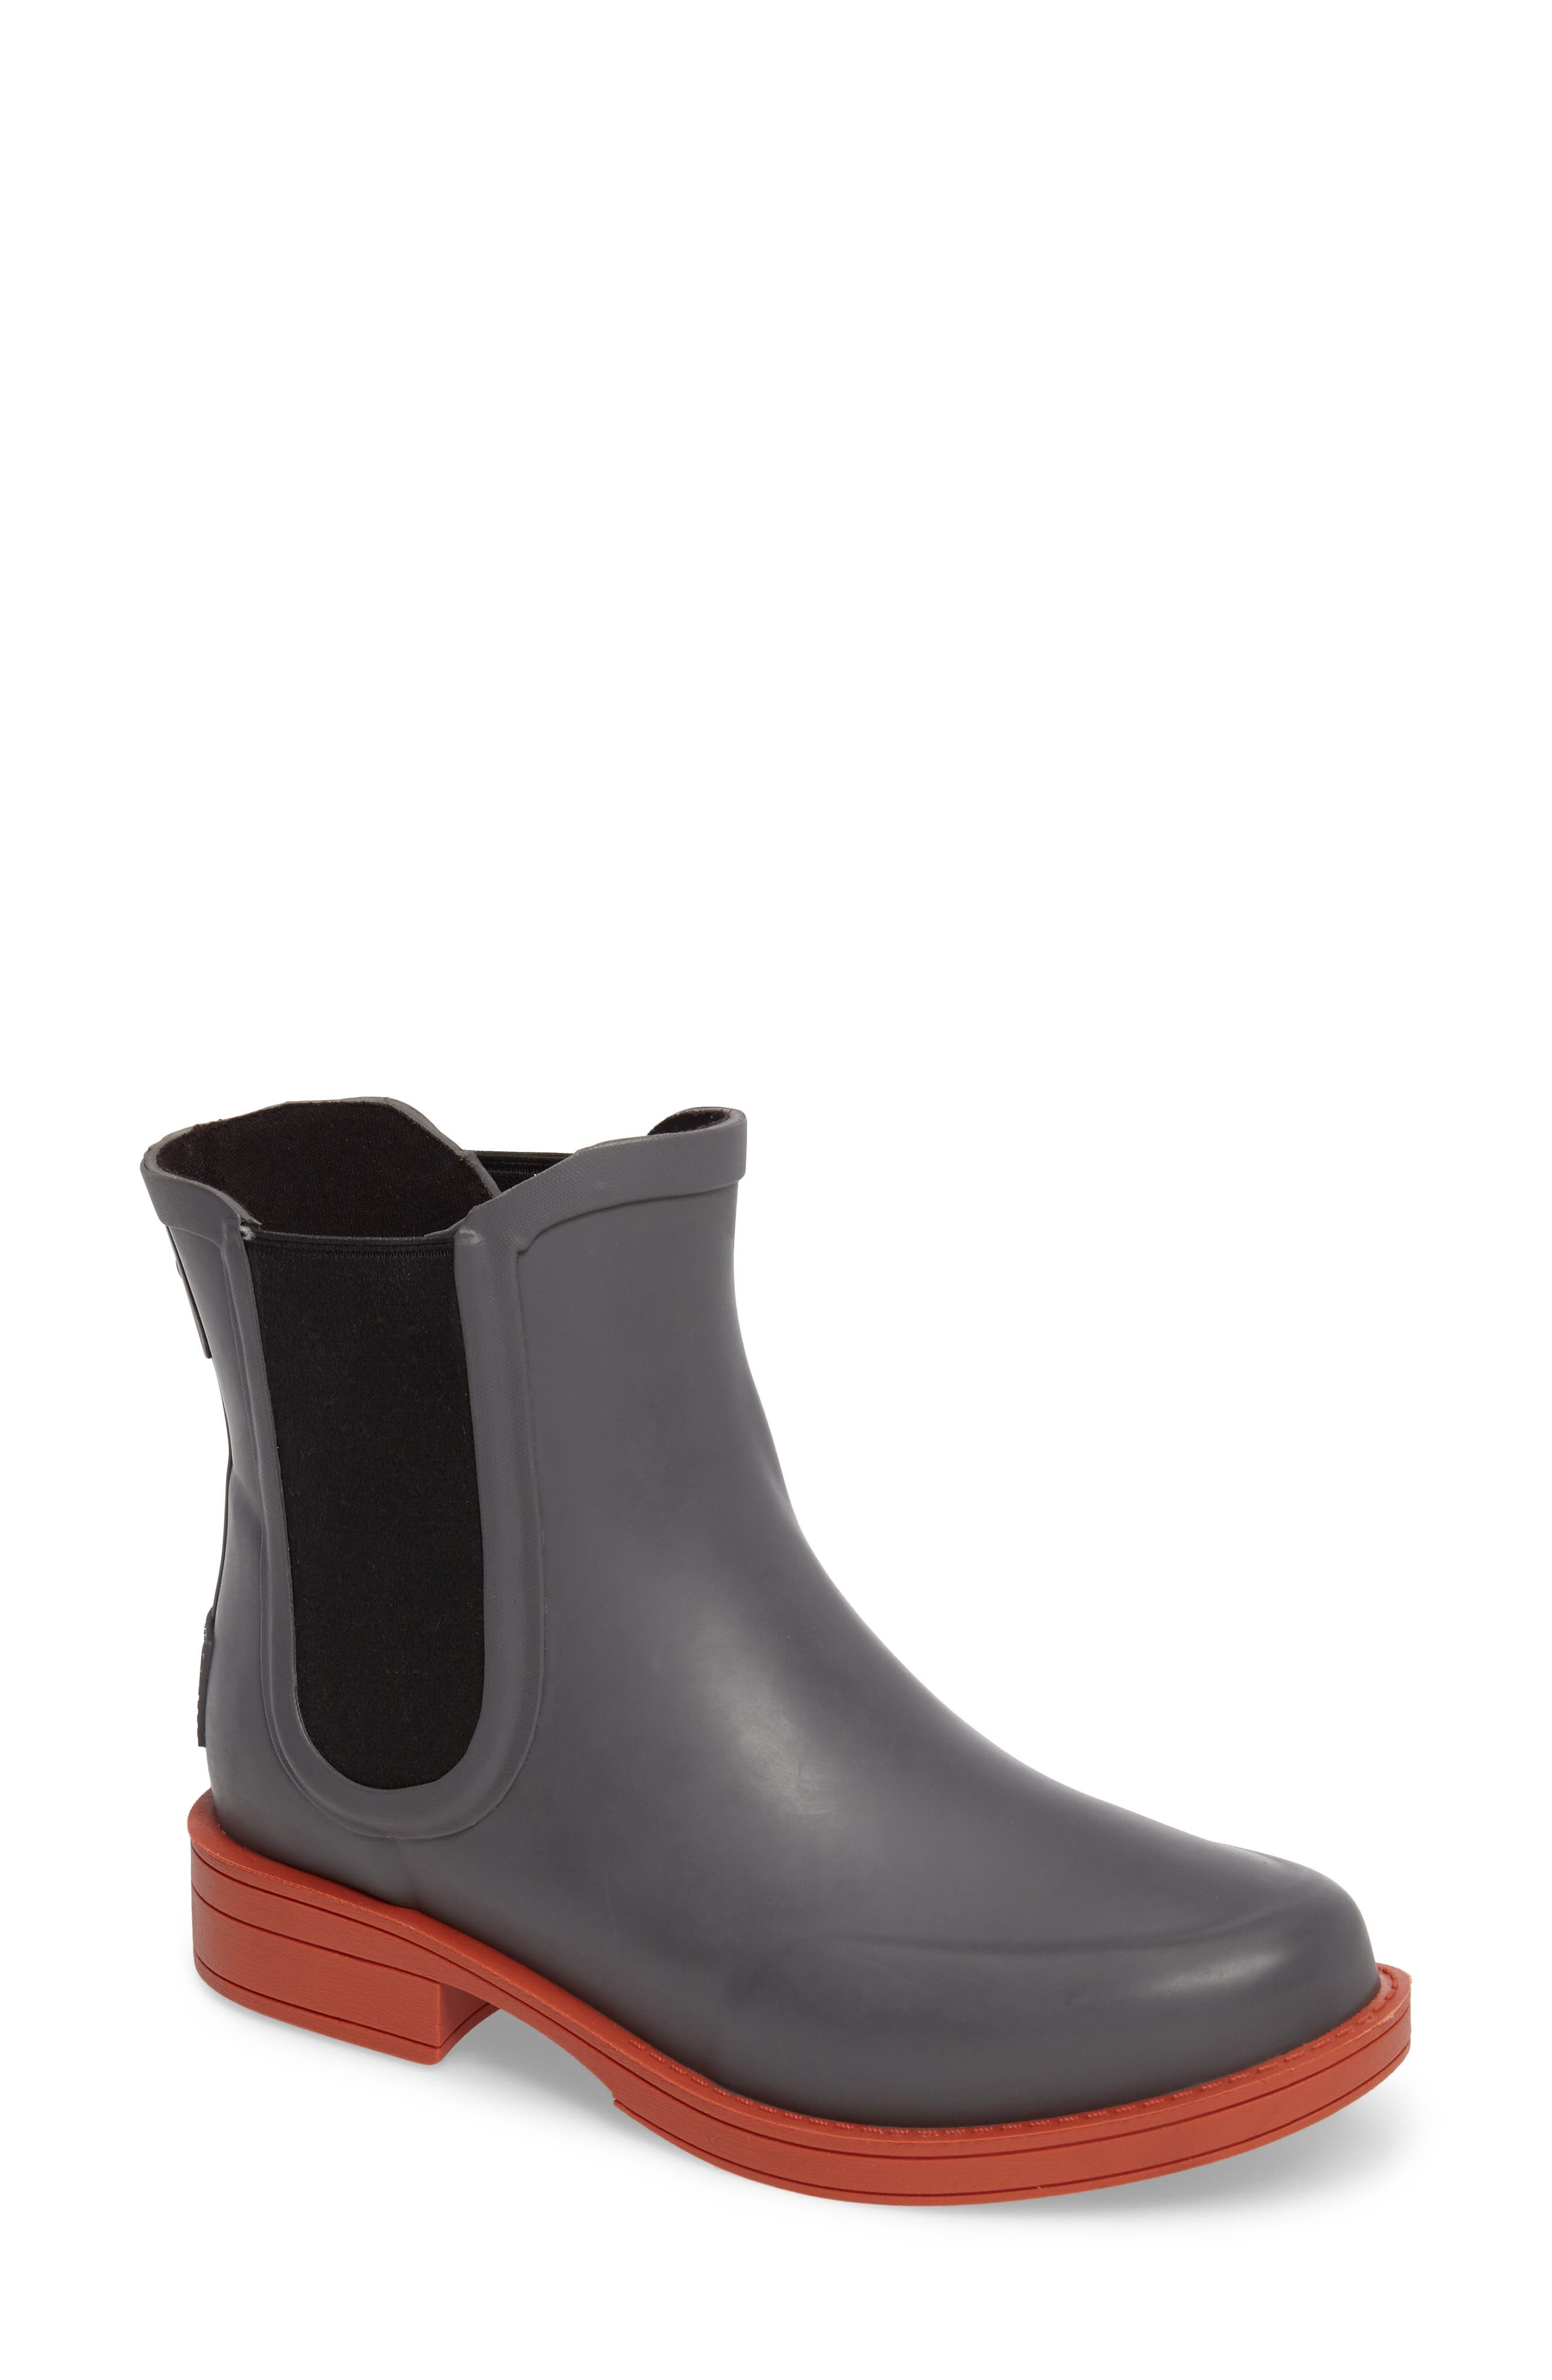 Main Image - UGG® Aviana Chelsea Rain Boot (Women)